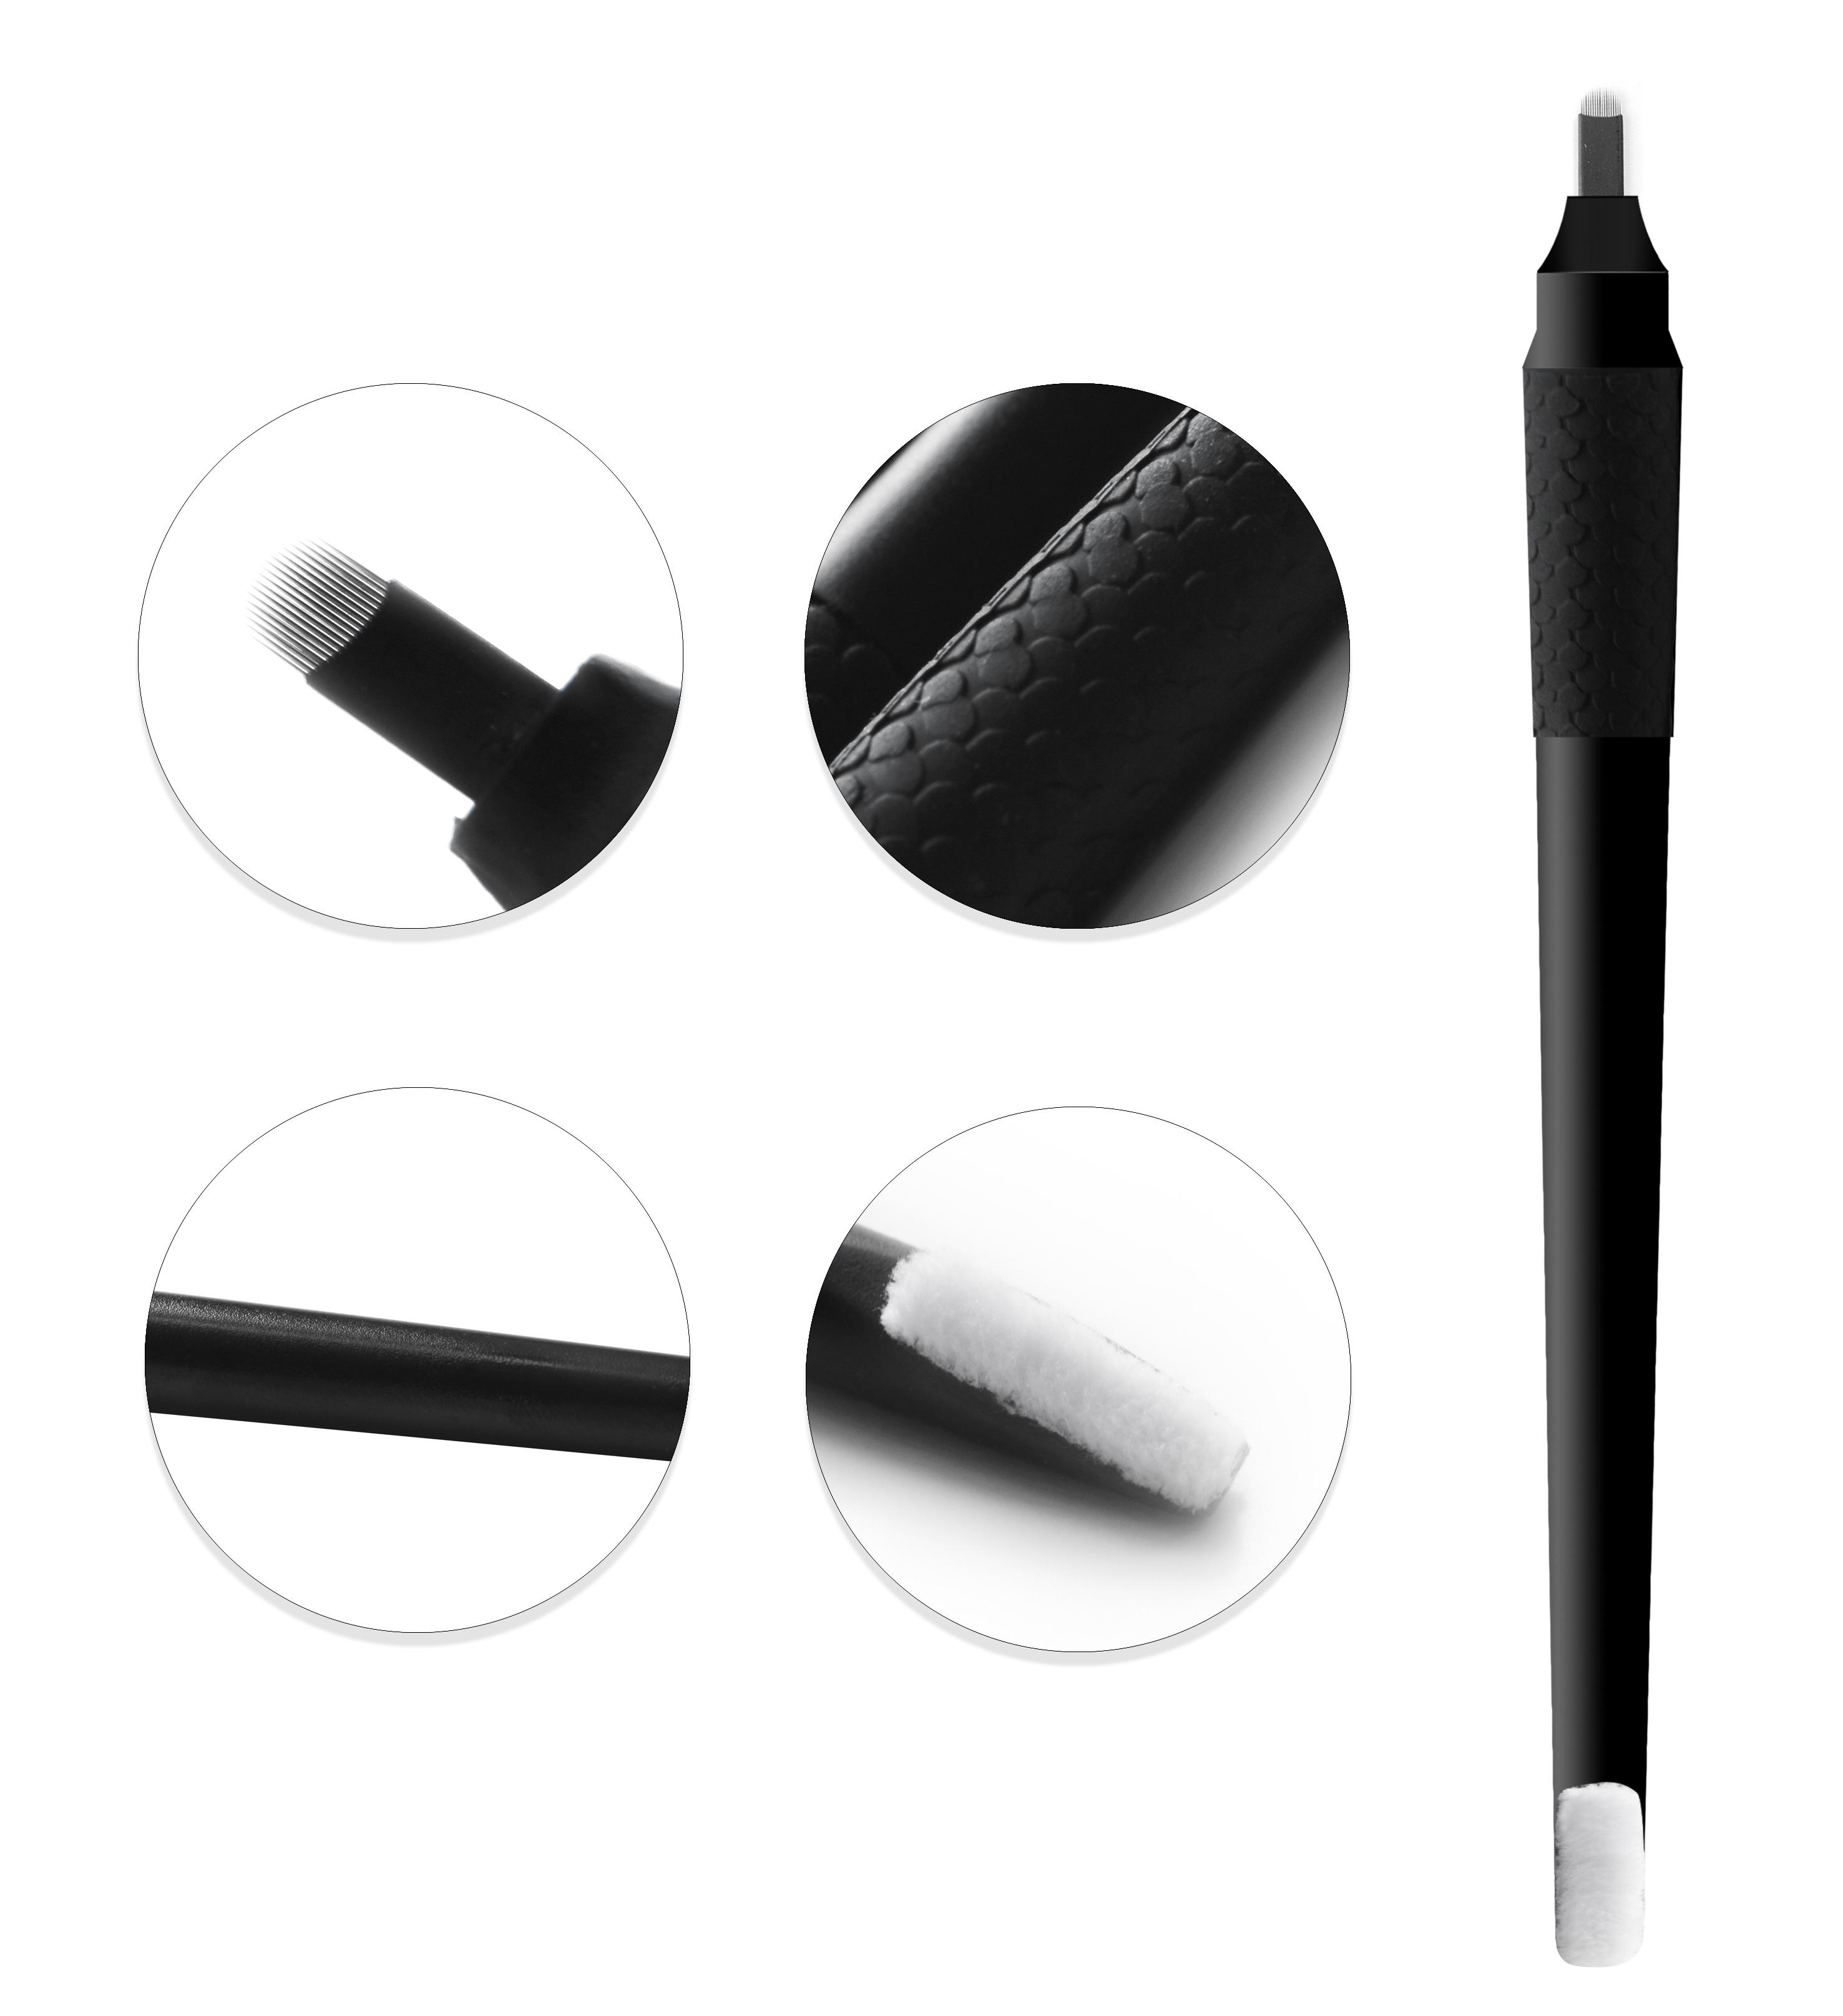 Собственная этикетка, этиленвинилацетат, стерилизованный газ, тату для бровей, 0,18 мм, одноразовая ручка для микроблейдинга, тату-ручка для бровей, лезвия для хода волос